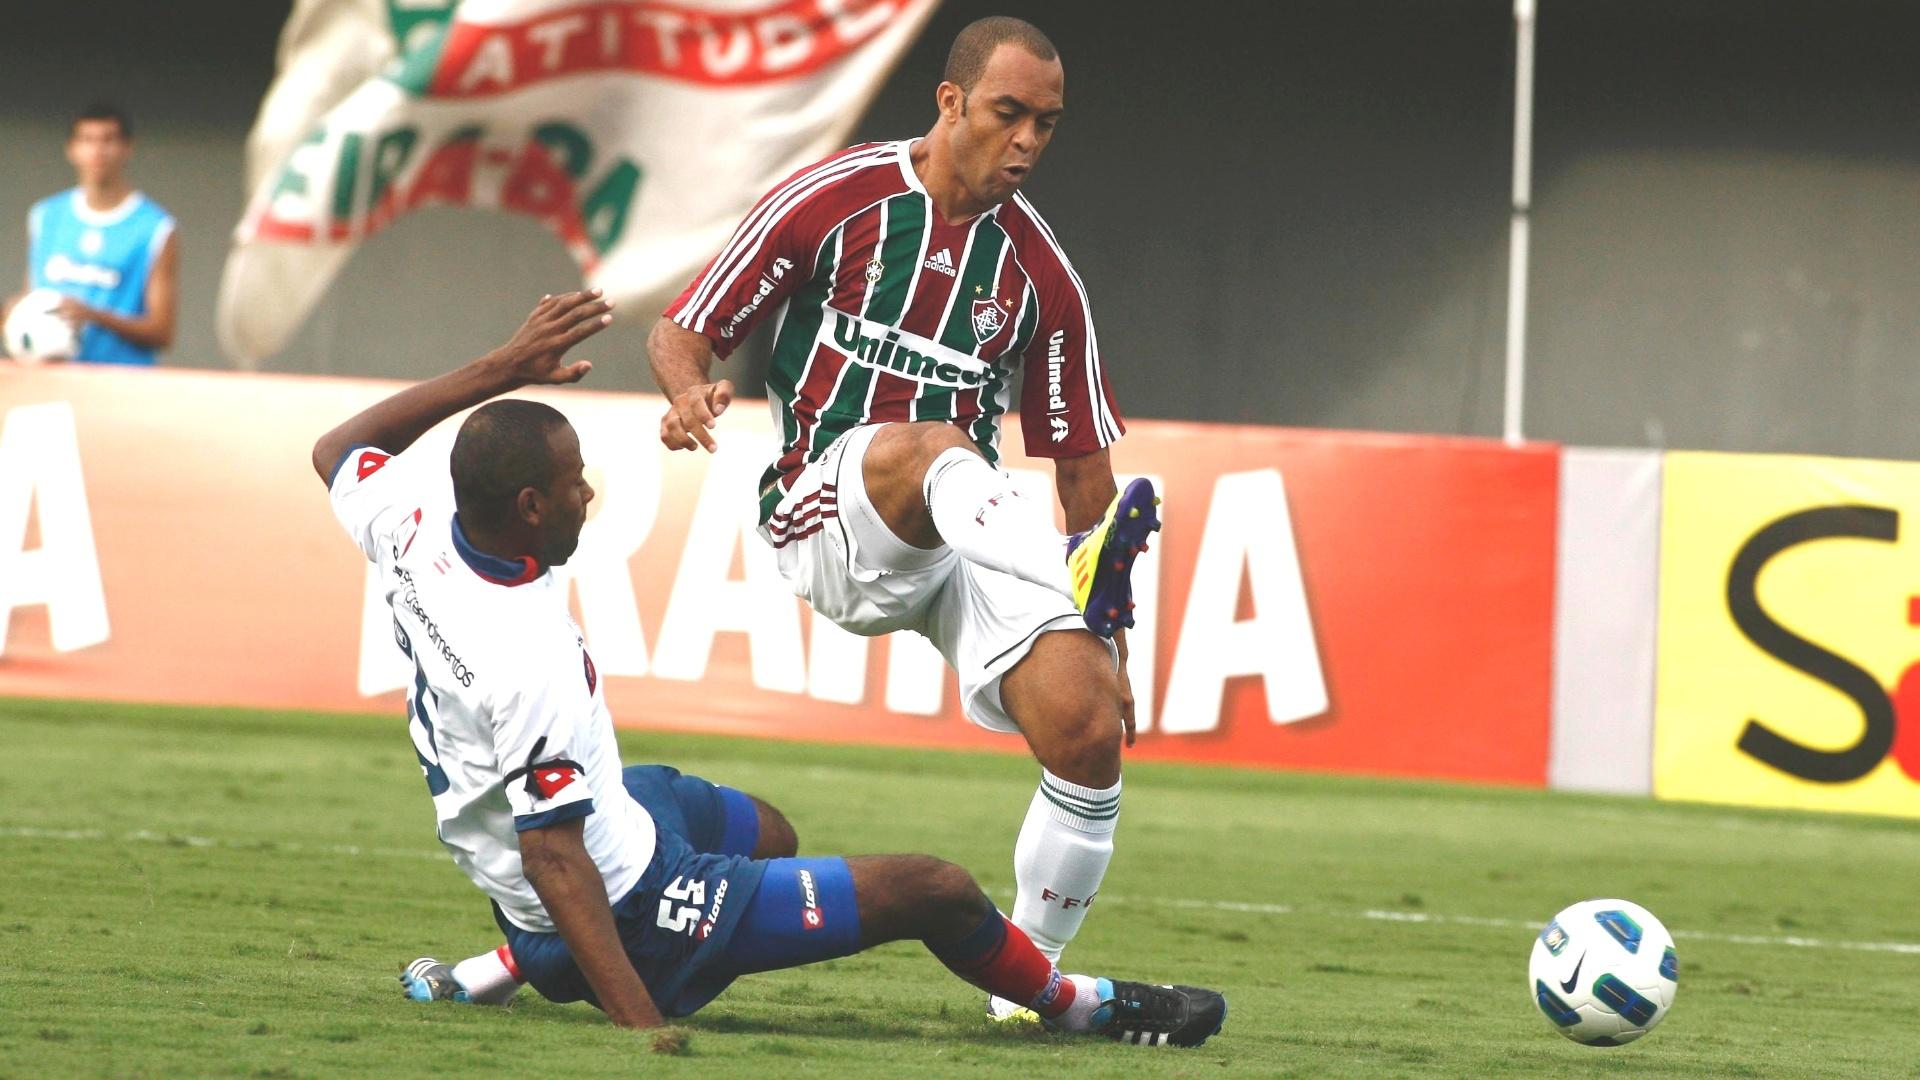 Leandro Euzébio disputa a bola com zagueiro do Bahia, durante partida deste domingo